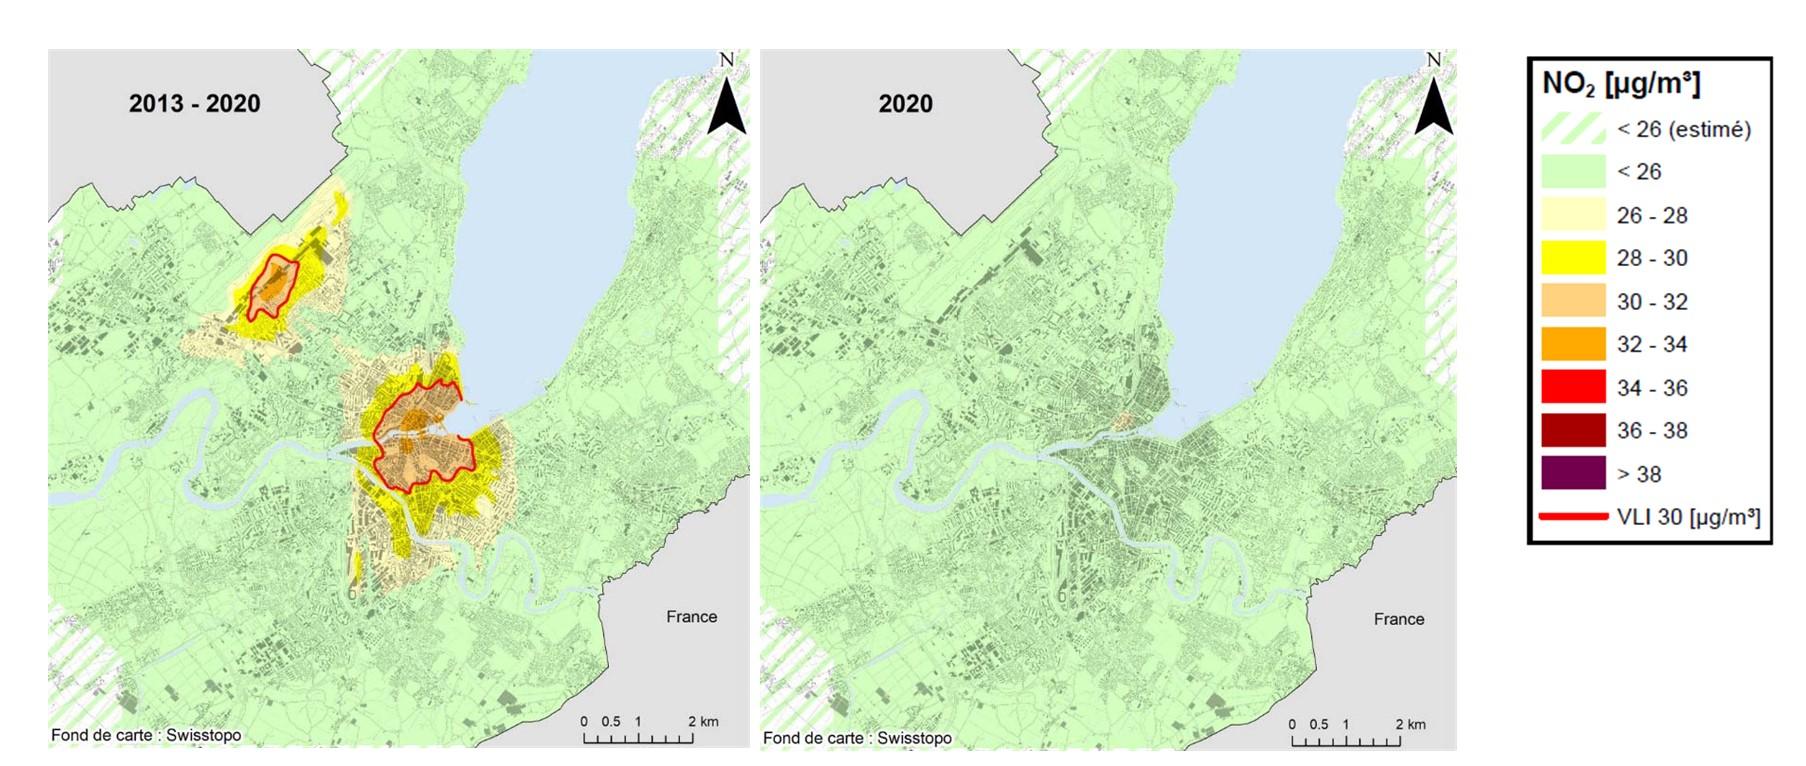 Genève: la qualité de l'air s'est améliorée en 2020